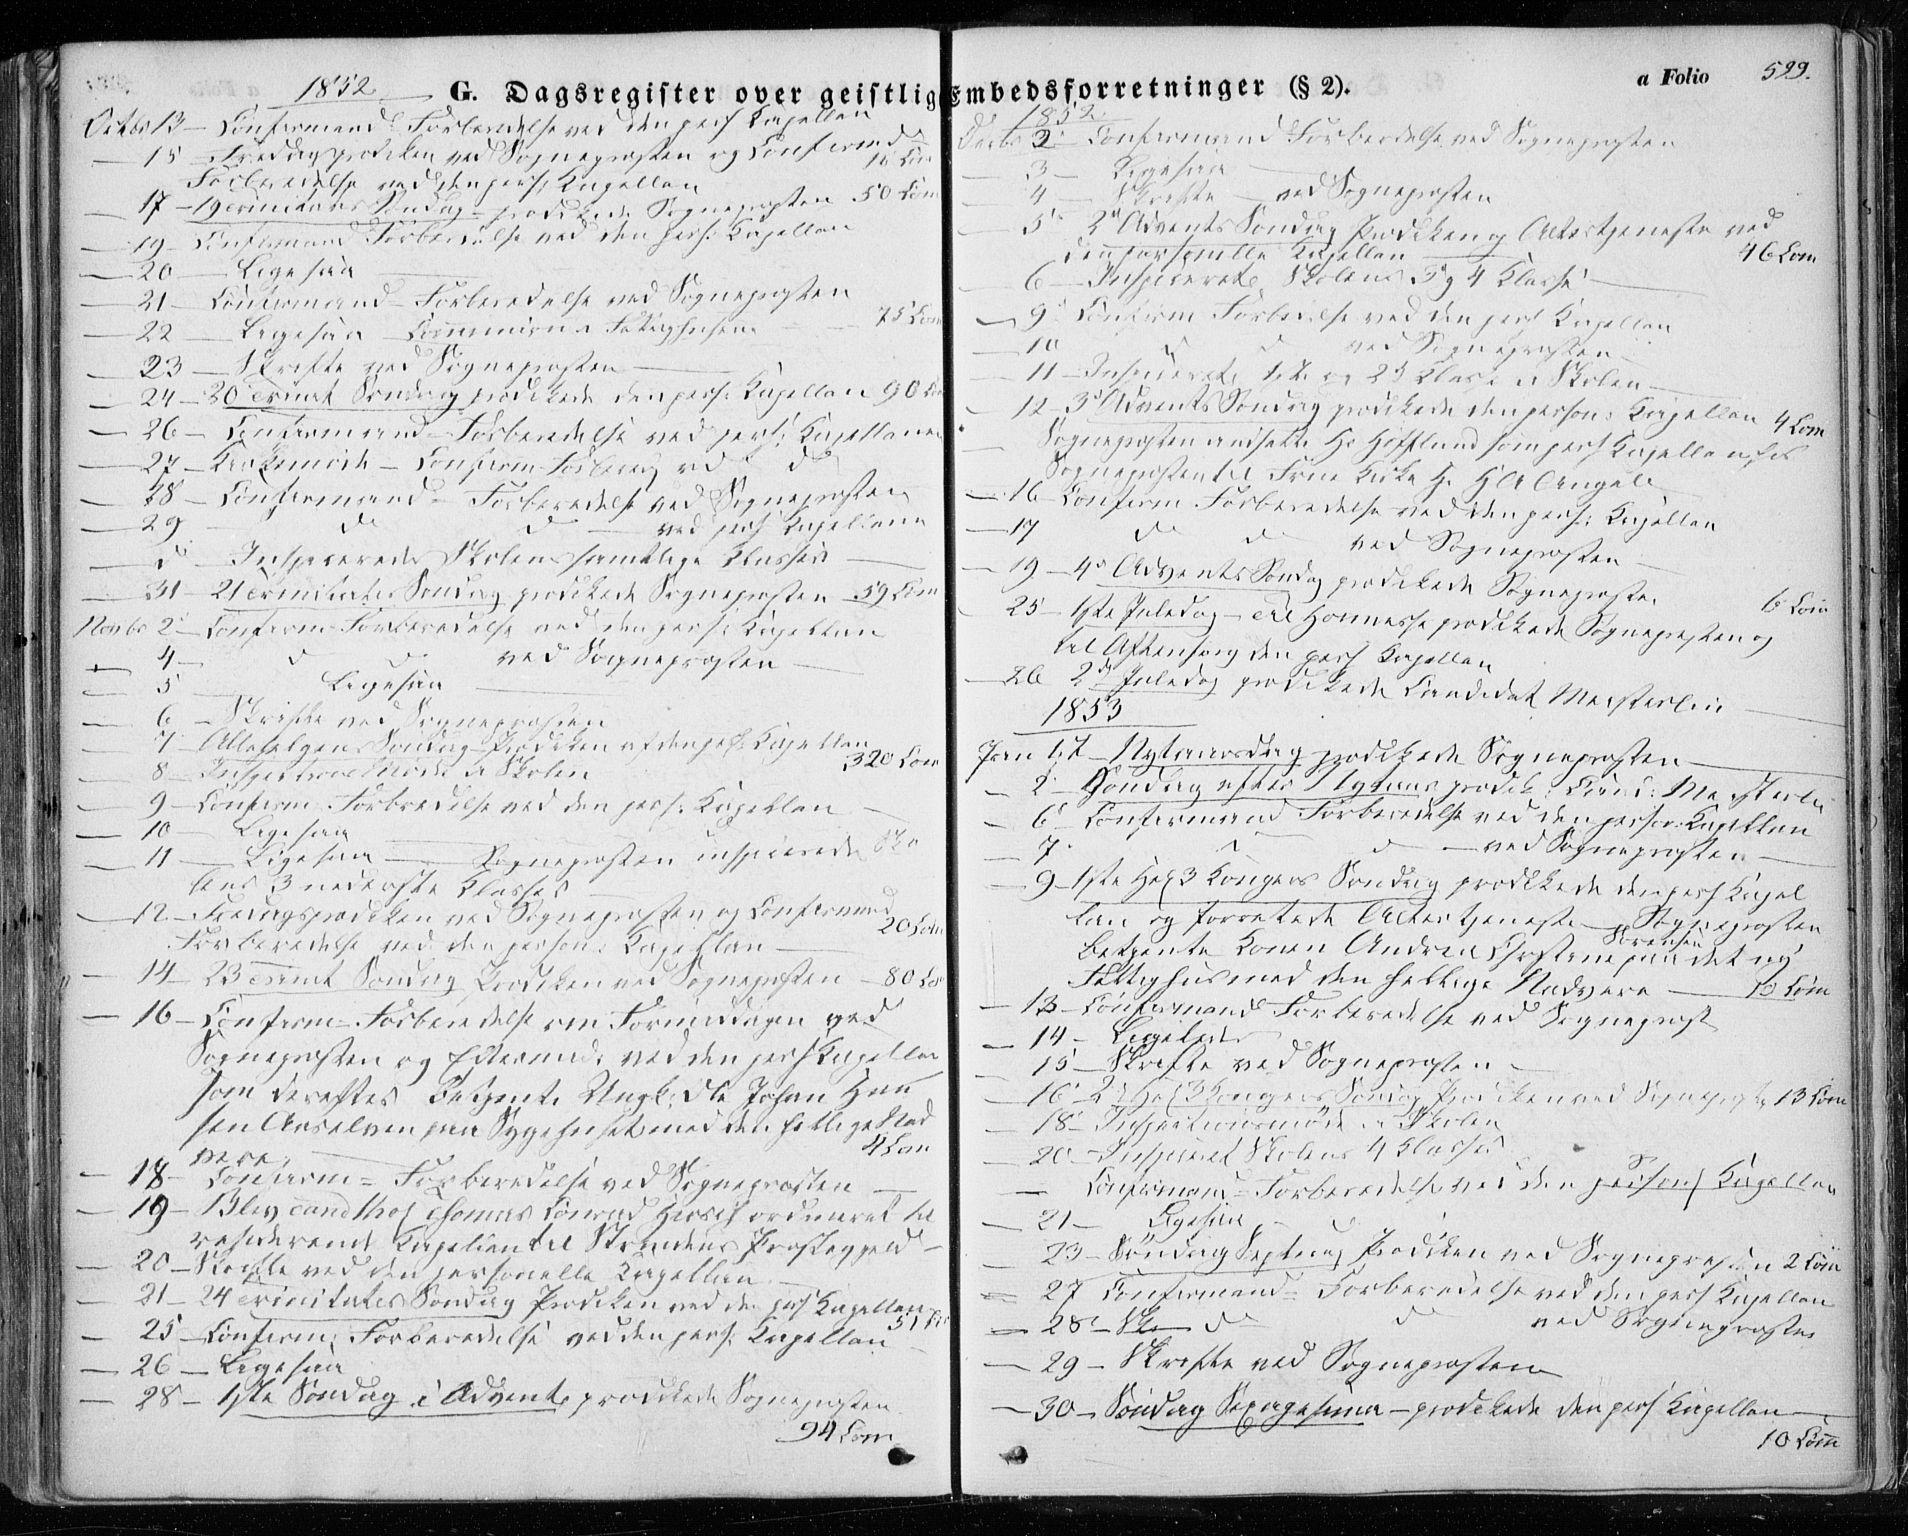 SAT, Ministerialprotokoller, klokkerbøker og fødselsregistre - Sør-Trøndelag, 601/L0051: Ministerialbok nr. 601A19, 1848-1857, s. 599